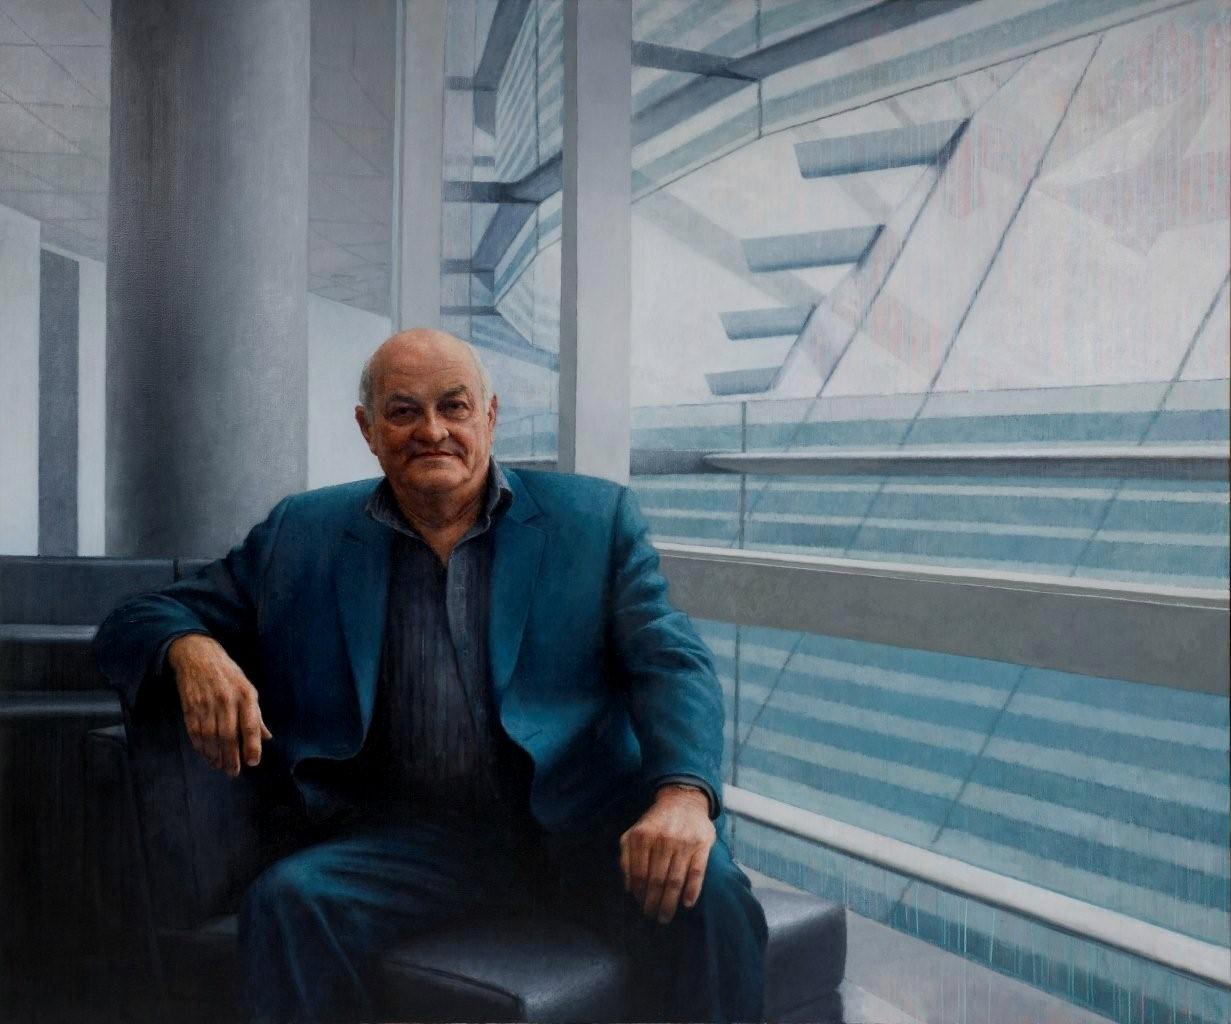 Mr Owen Glenn, 2009, oil on linen, 2350mm x 1800mm.